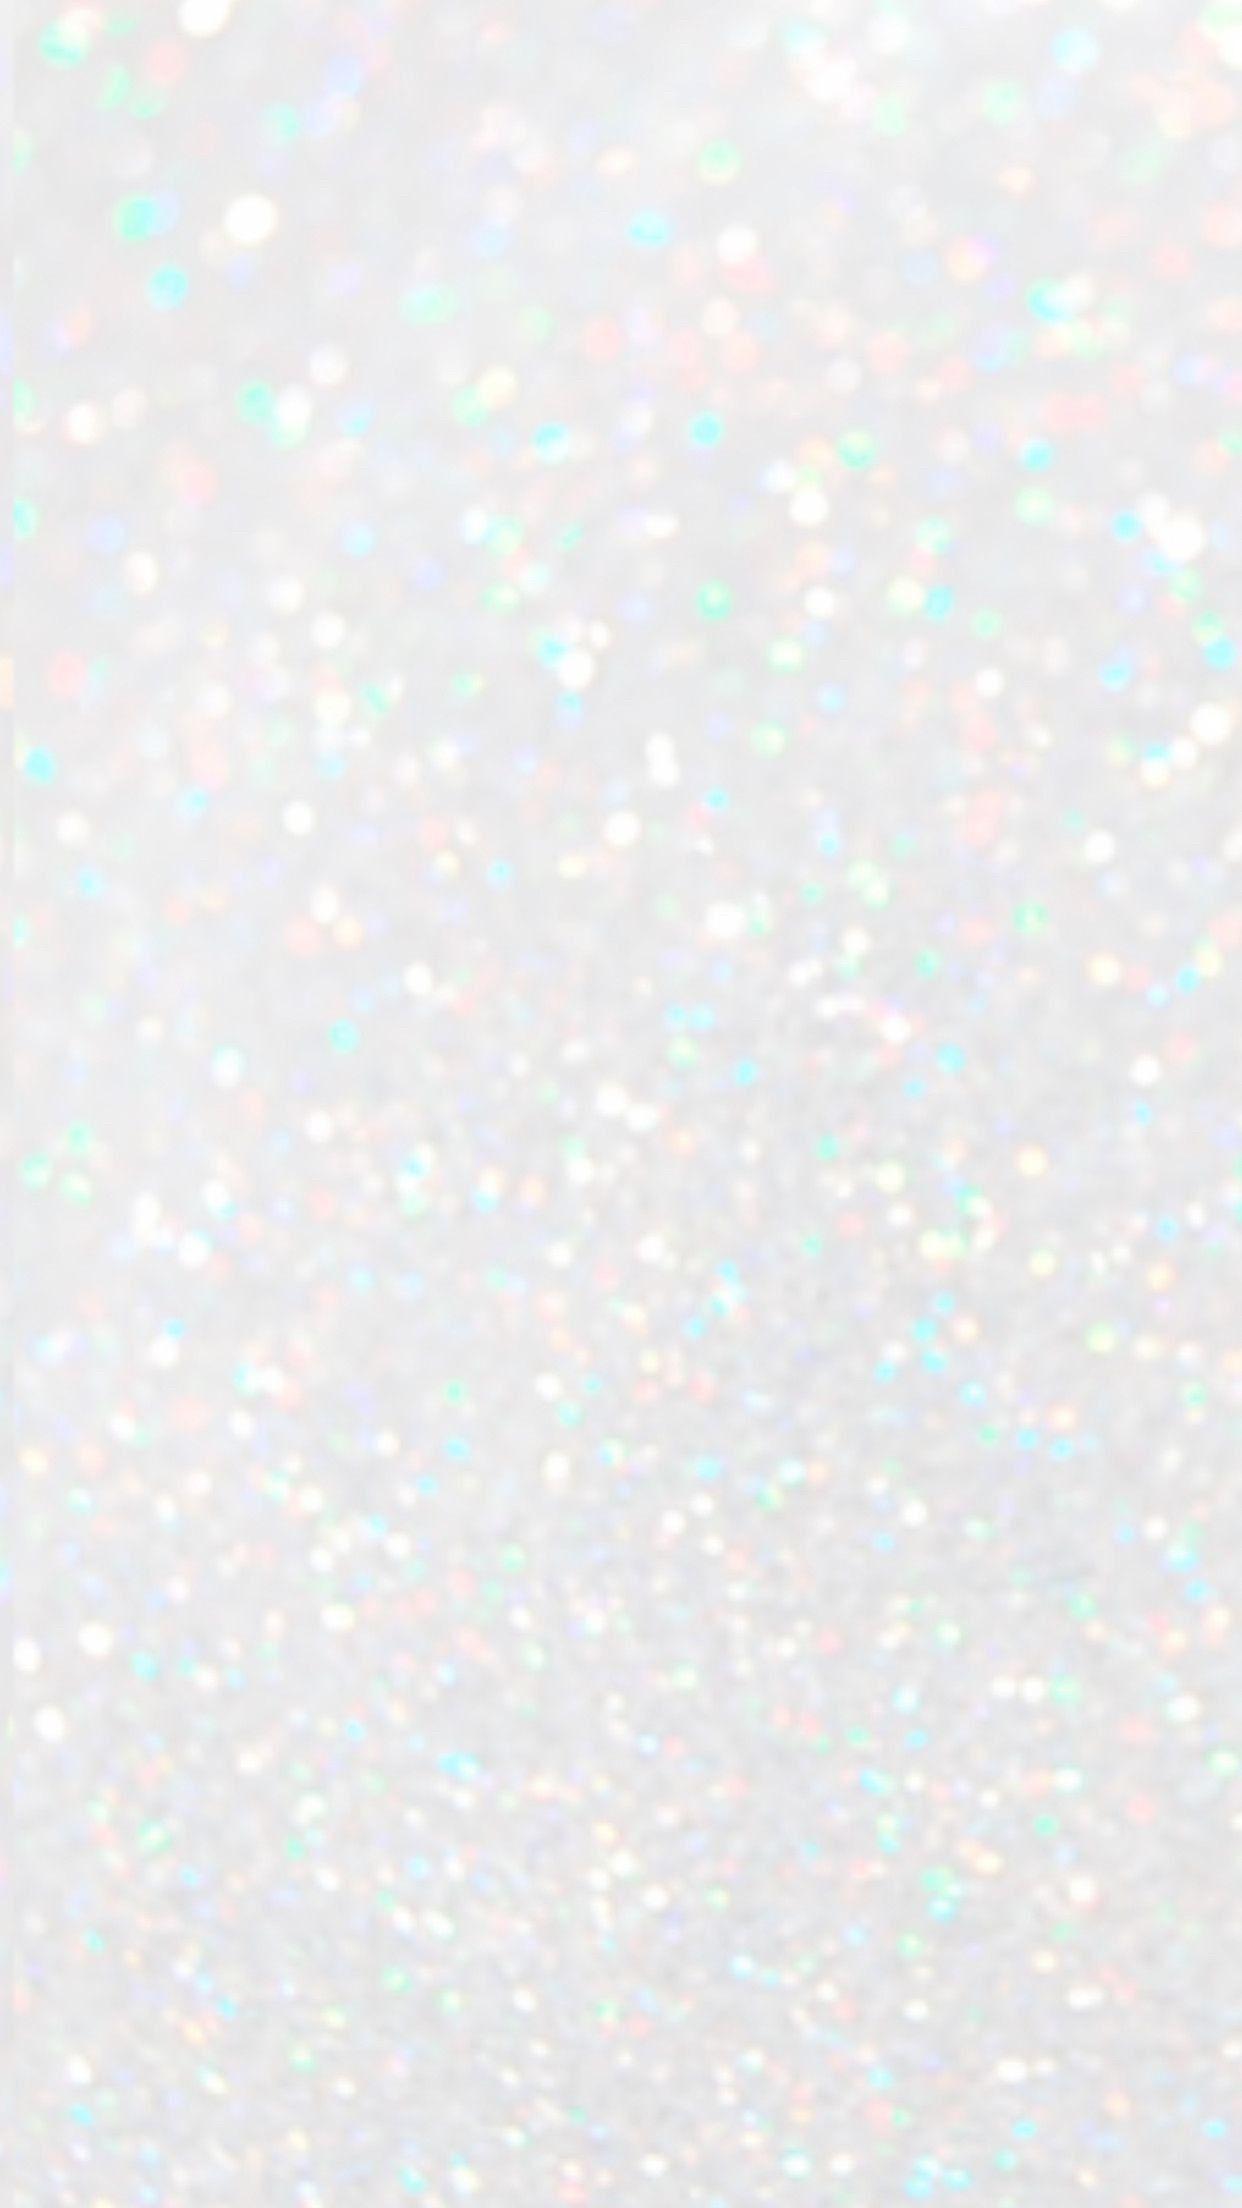 Inspirational Plain White Glitter Wallpaper Iphone Wallpaper Glitter White Glitter Wallpaper Sparkle Wallpaper